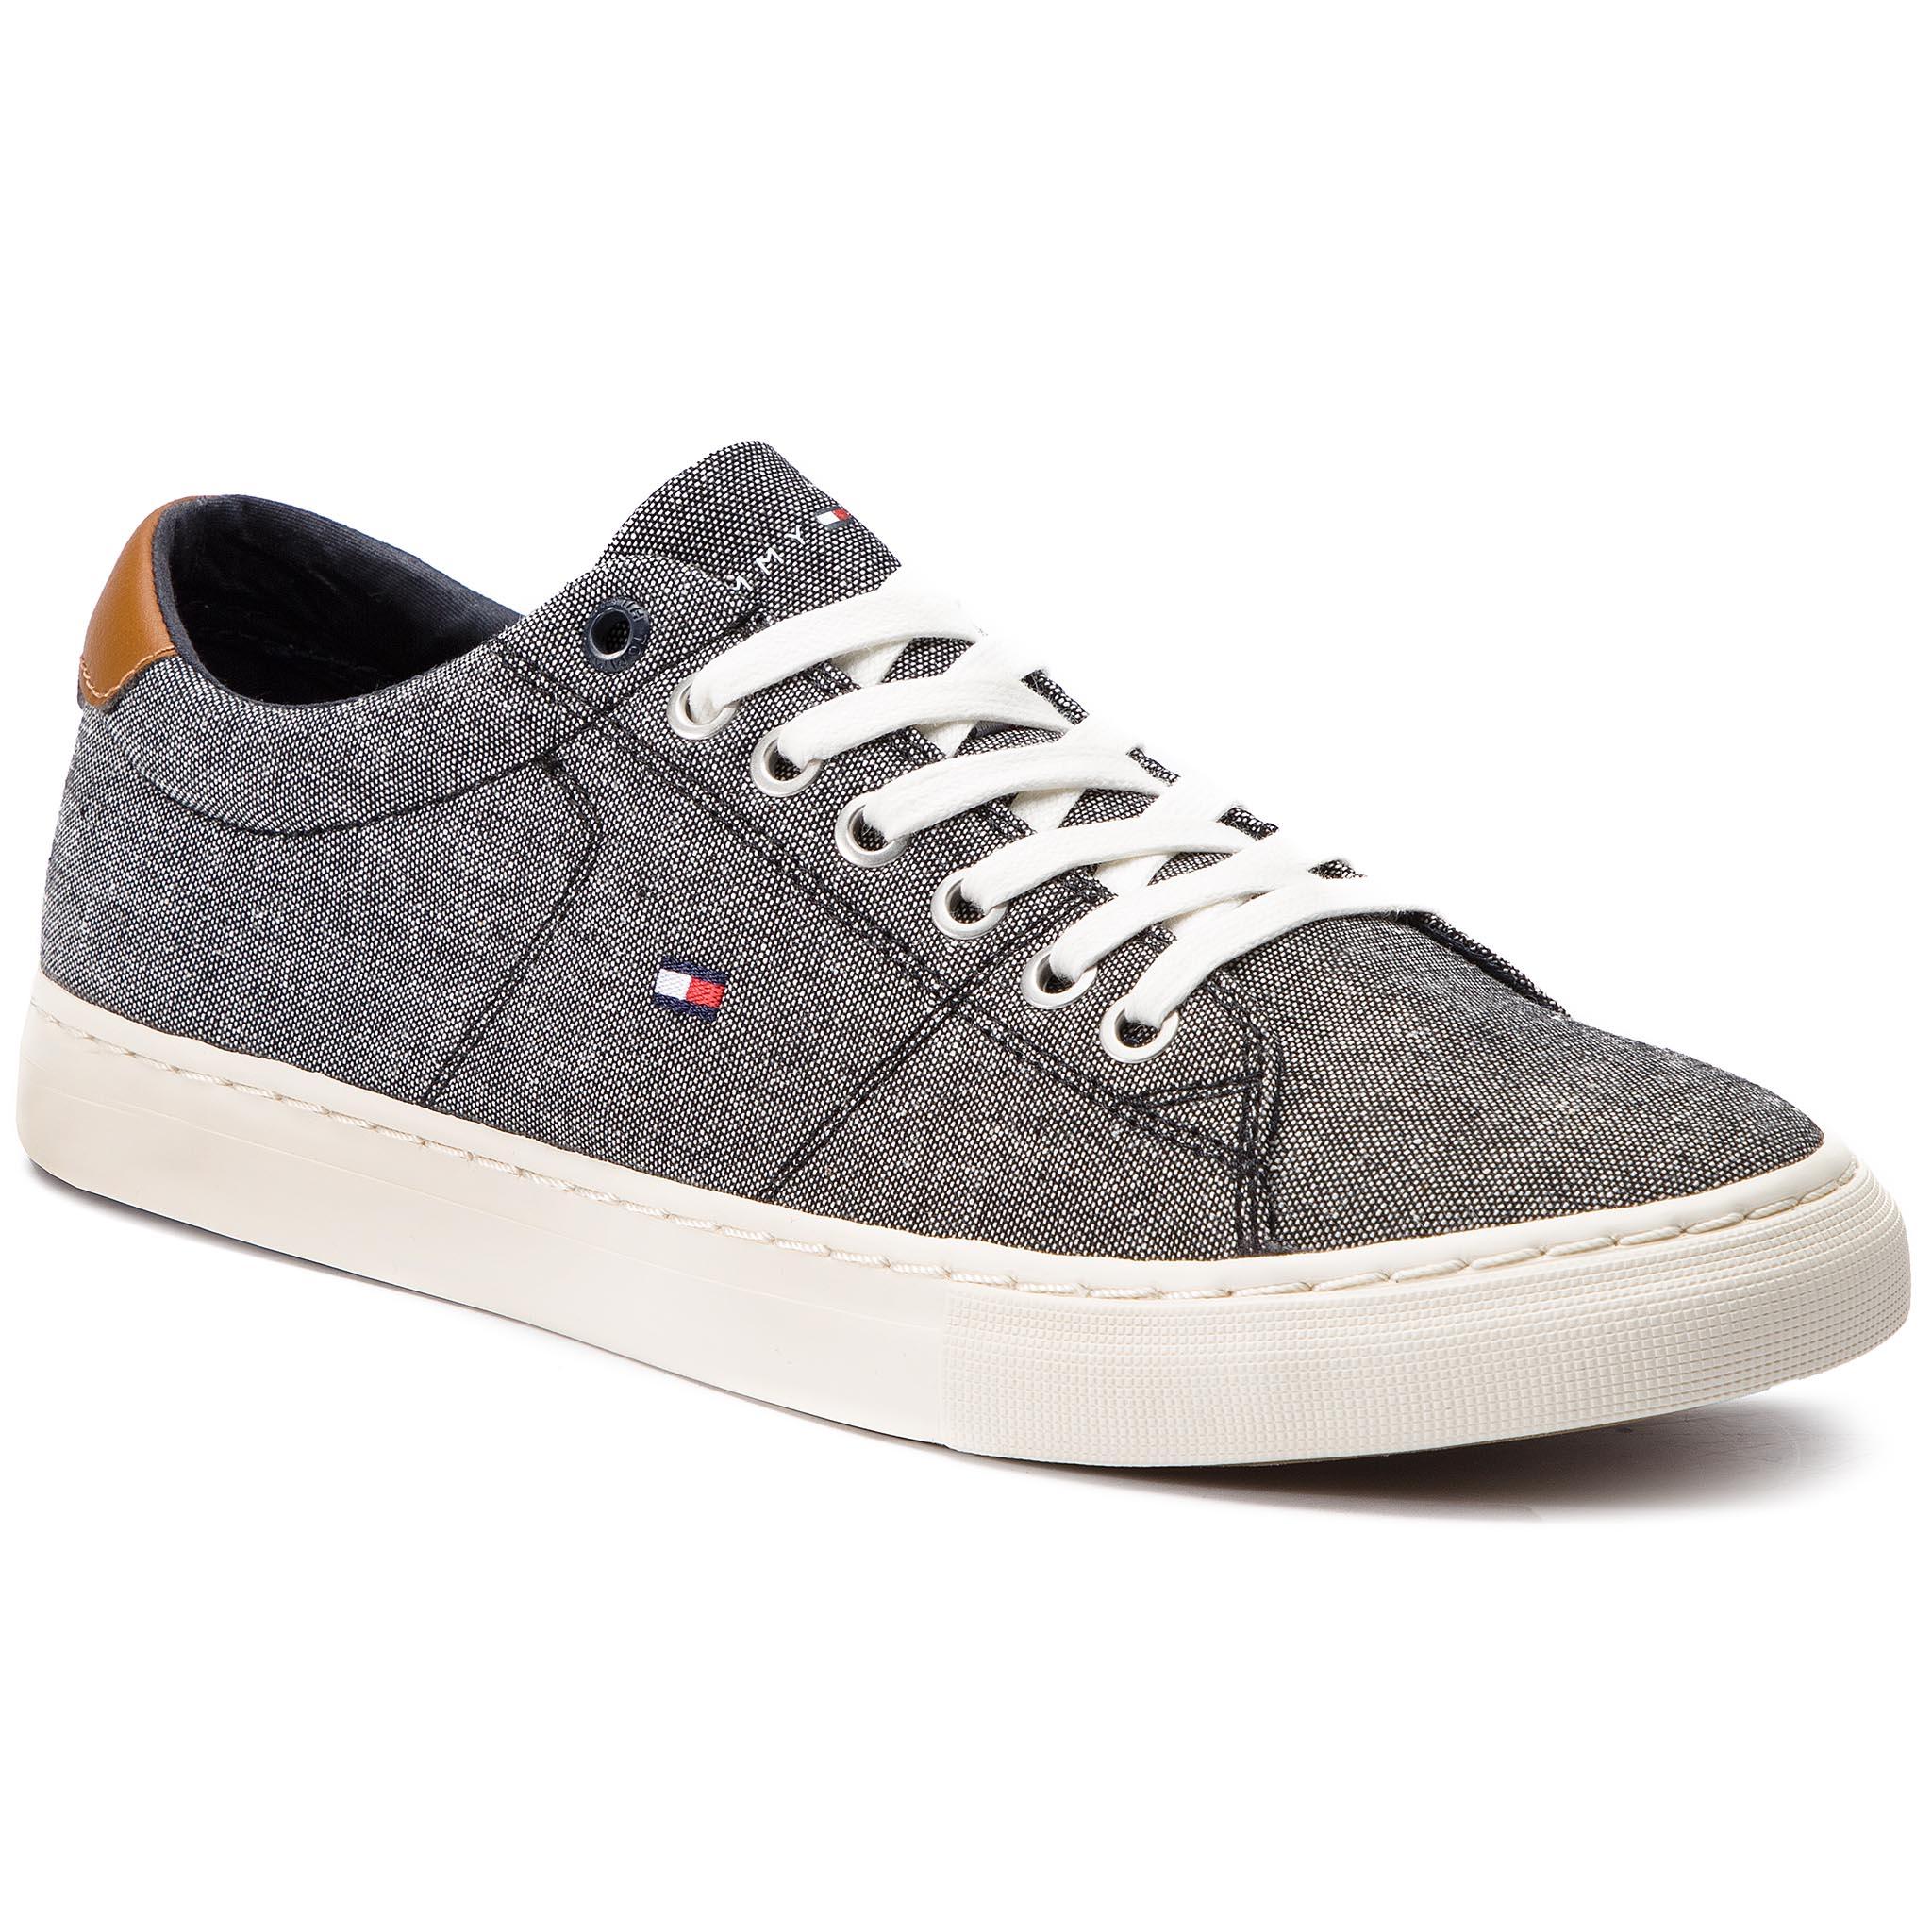 6039340b7d9a Plimsolls TOMMY HILFIGER. Iconic Long Lace Sneaker FM0FM01536 Cobblestone  068